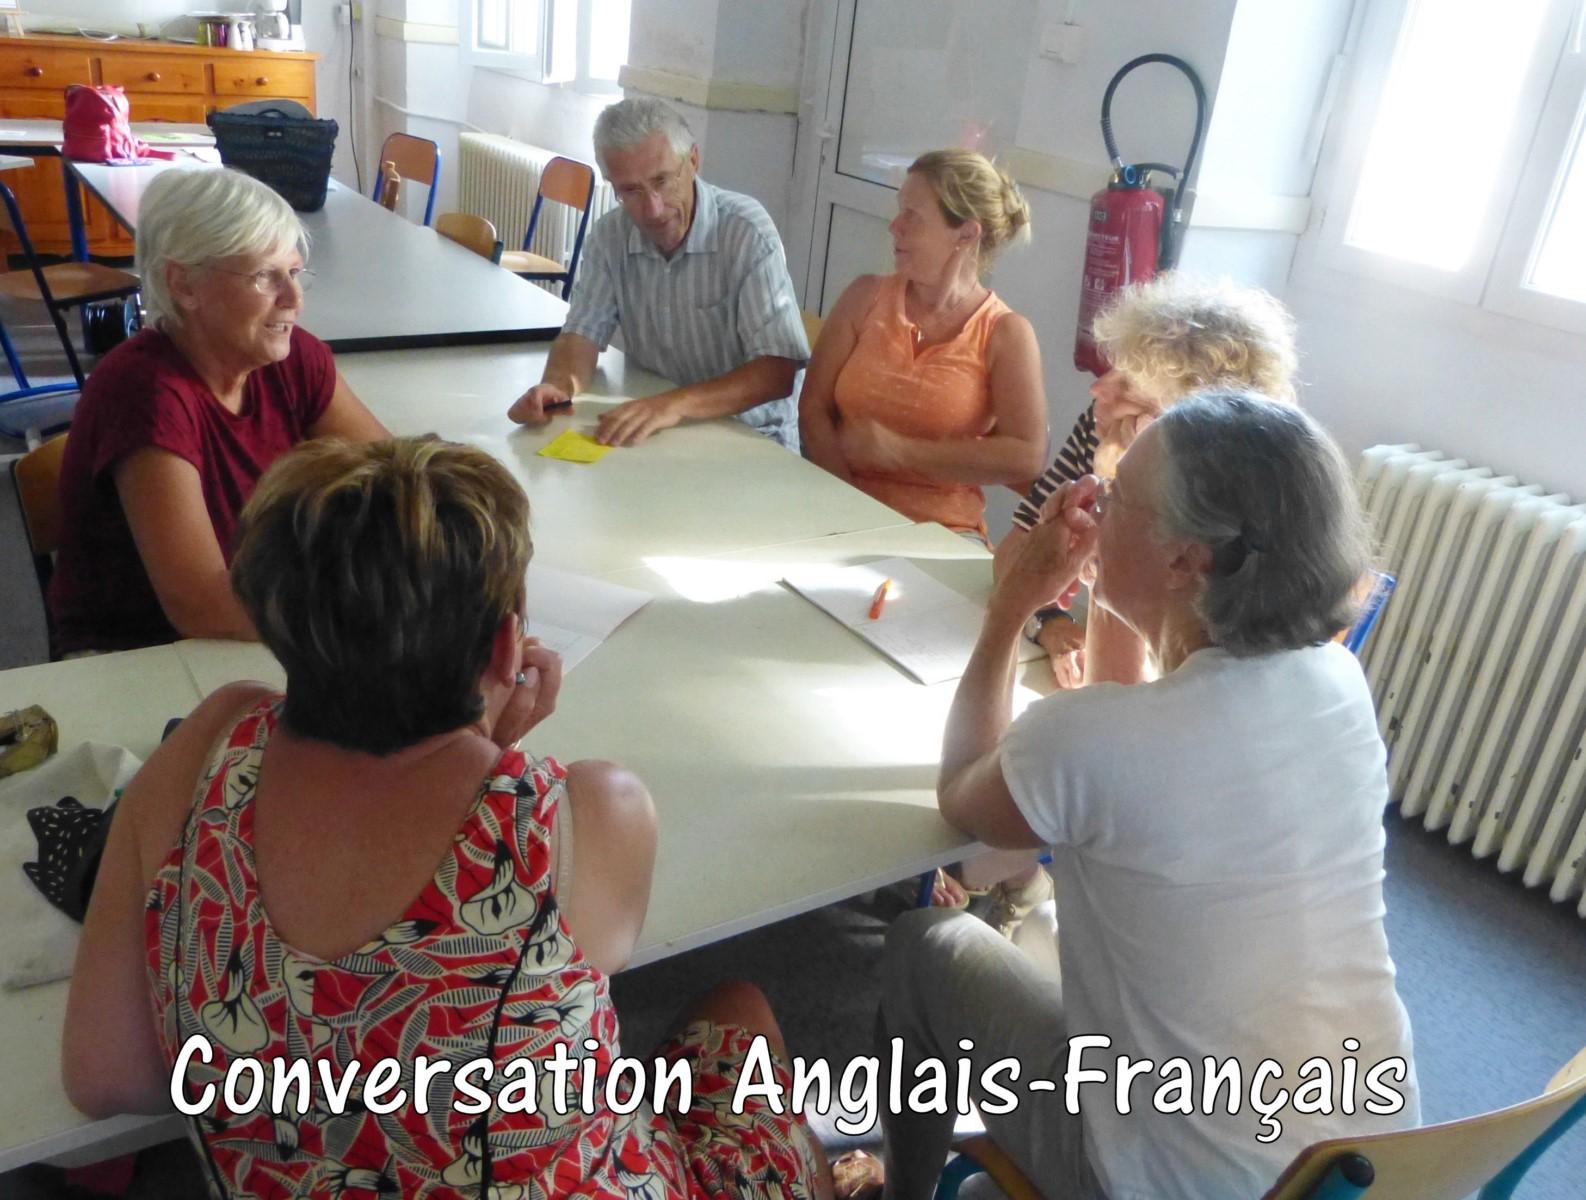 Convers-anglais-francais-2